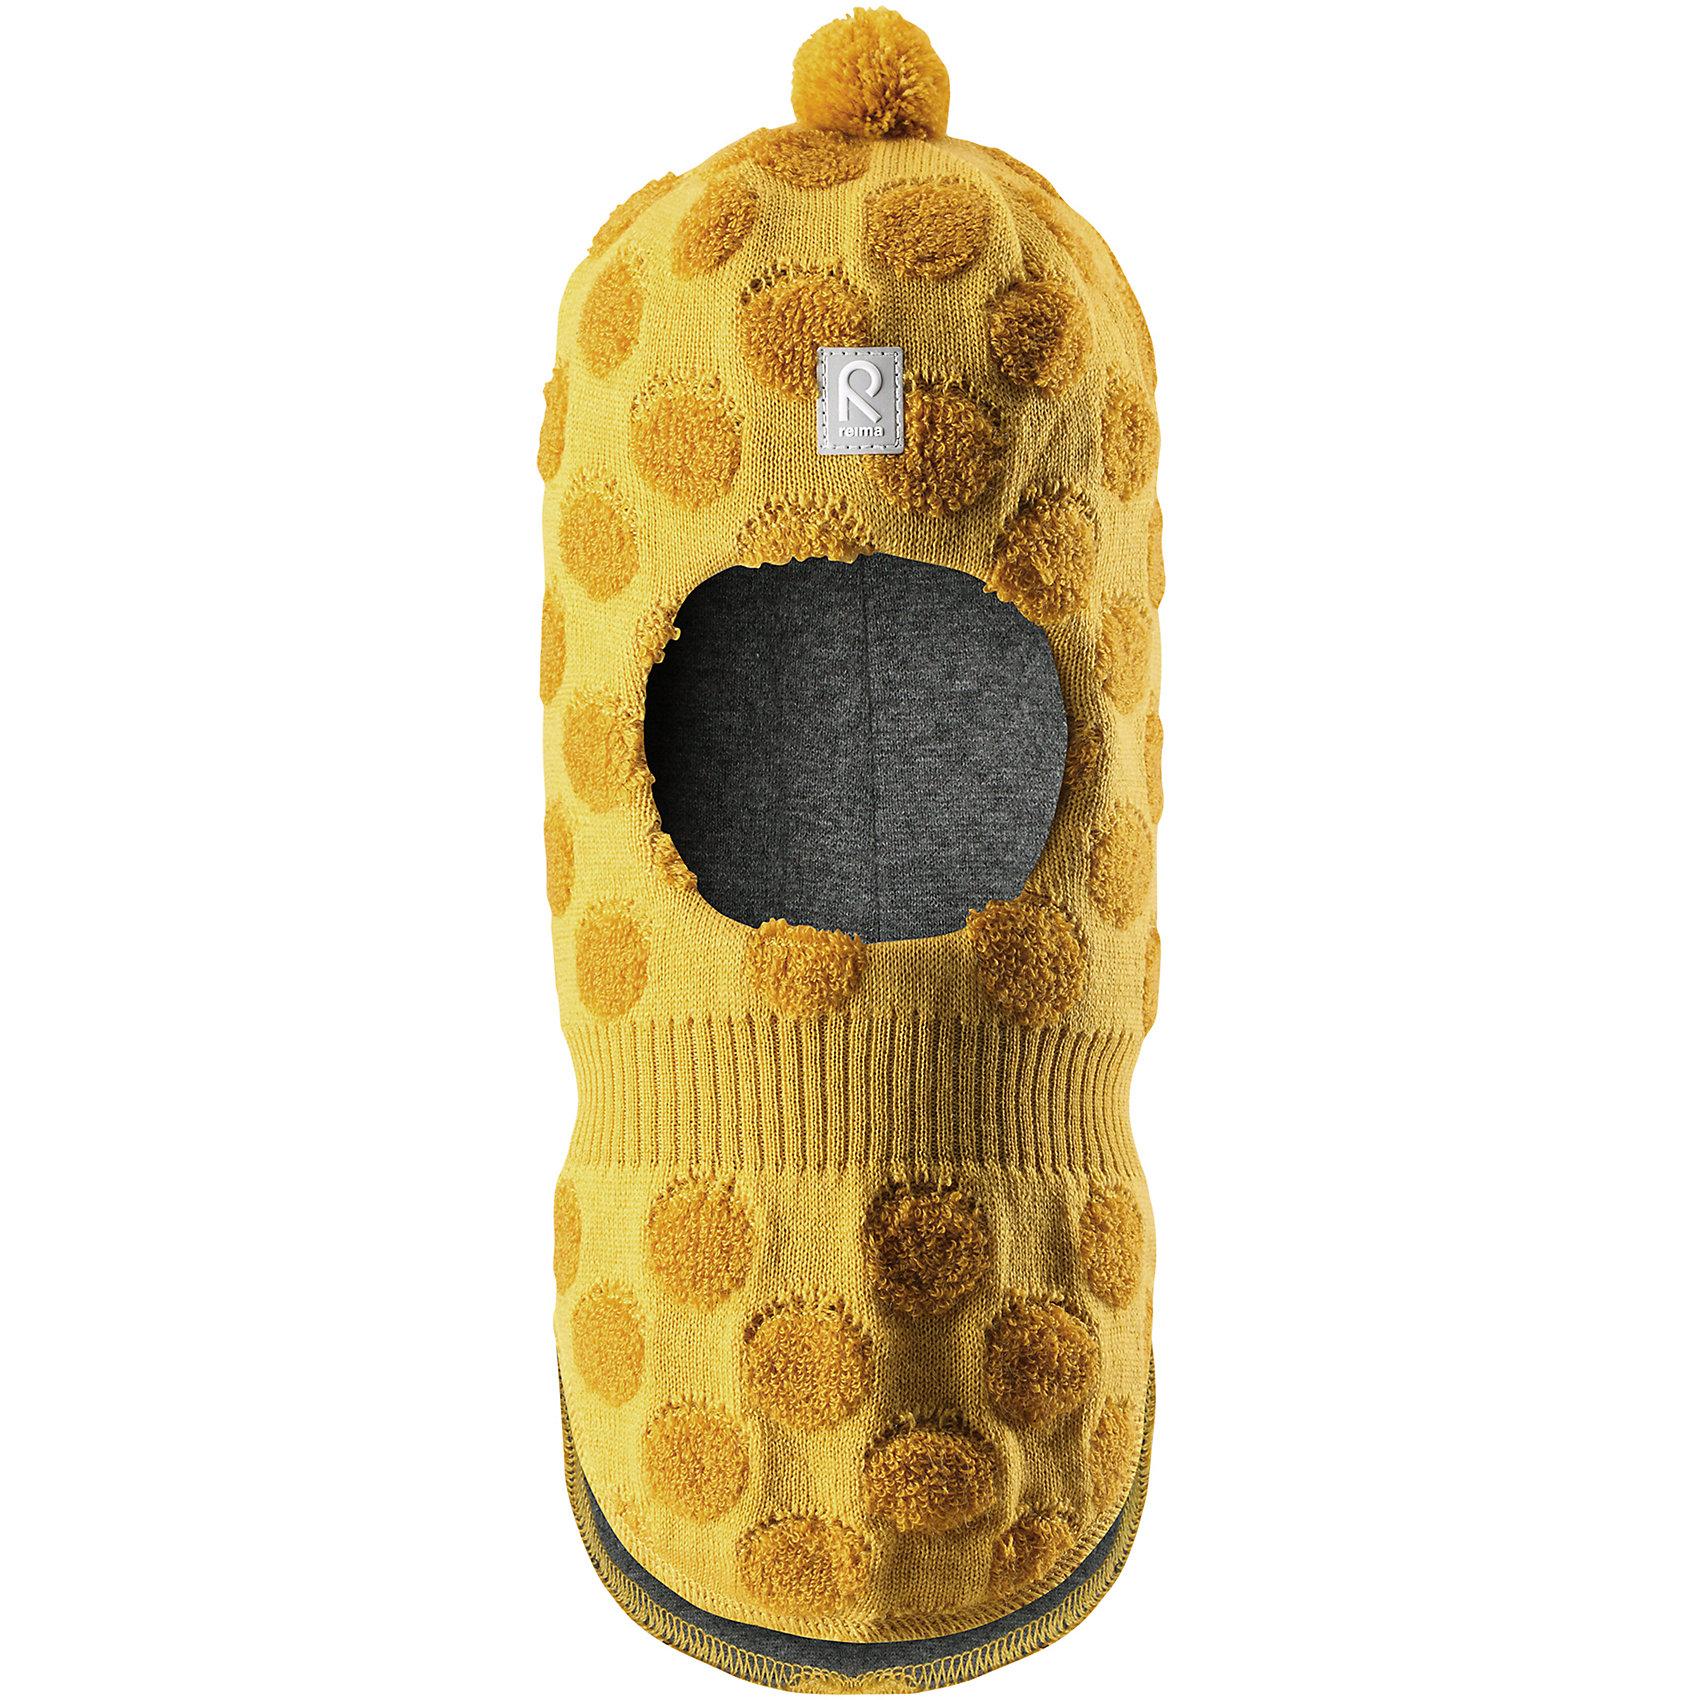 Шапка-шлем Reima SallaГоловные уборы<br>Характеристики товара:<br><br>• цвет: желтый;<br>• состав: 50% шерсть, 50% полиакрил;<br>• подкладка: 97% хлопок, 3% эластан;<br>• температурный режим: от 0 до -20С;<br>• сезон: зима; <br>• особенности модели: вязаная, шерстяная;<br>• шерсть идеально поддерживает температуру;<br>• ветронепроницаемые вставки в области ушей;<br>• сплошная подкладка: гладкий хлопковый трикотаж;<br>• декоративный помпон сверху;<br>• логотип Reima спереди;<br>• страна бренда: Финляндия;<br>• страна изготовитель: Китай.<br><br>Веселая шерстяная шапка-шлем с хлопковой подкладкой согреет в холода, а ветронепроницаемые вставки защитят ушки от ветра. Маленький помпон и симпатичный рисунок в шарики отлично подойдет маленьким любителям прогулок на свежем воздухе!<br><br>Шапку-шлем Salla Reima от финского бренда Reima (Рейма) можно купить в нашем интернет-магазине.<br><br>Ширина мм: 89<br>Глубина мм: 117<br>Высота мм: 44<br>Вес г: 155<br>Цвет: желтый<br>Возраст от месяцев: 60<br>Возраст до месяцев: 72<br>Пол: Унисекс<br>Возраст: Детский<br>Размер: 52,48,46,50<br>SKU: 6907161